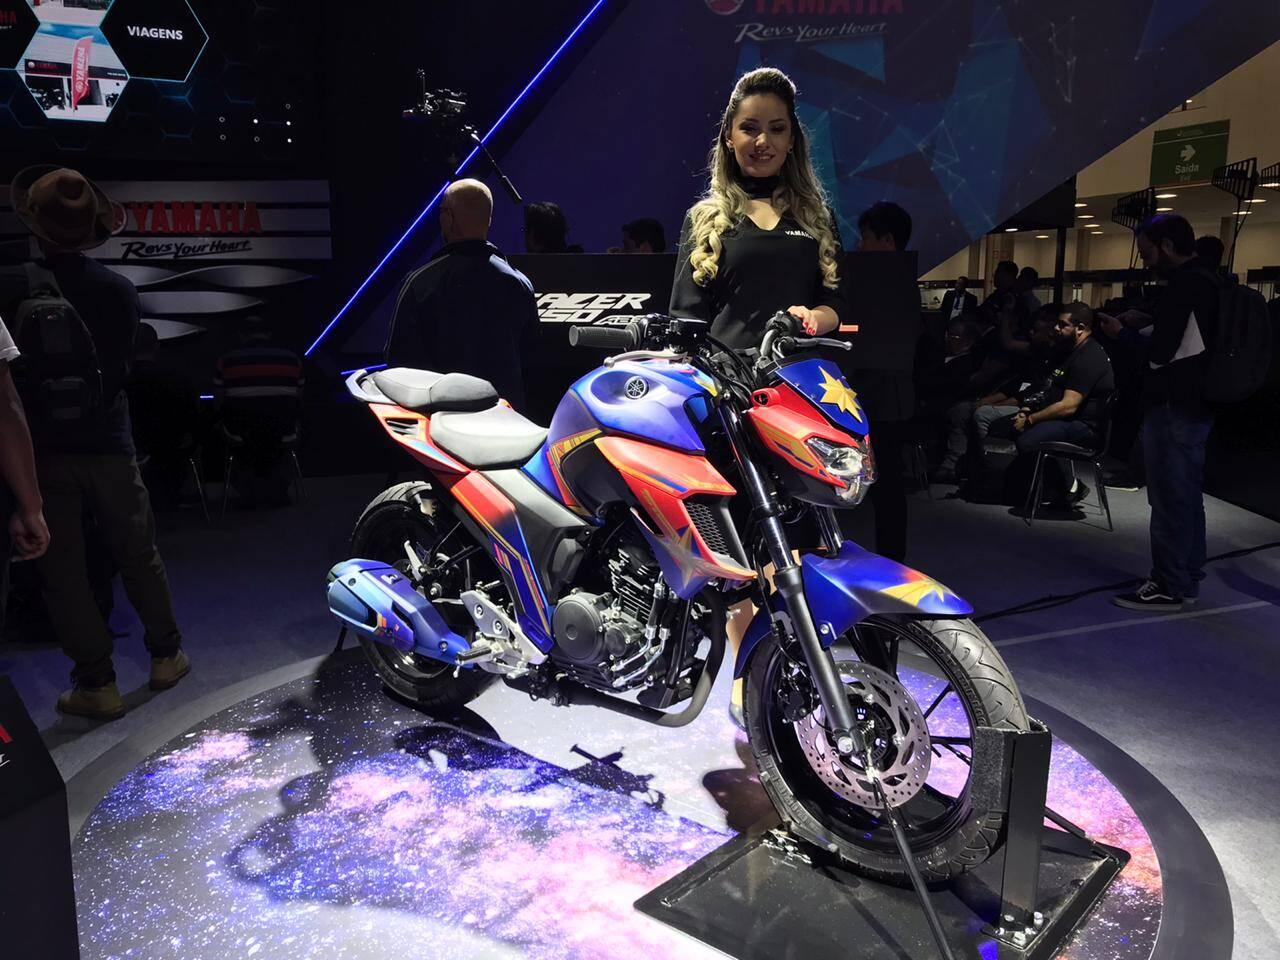 Yamaha fazer 150 UBS série limitada. Foto: Guilherme Menezes/iG